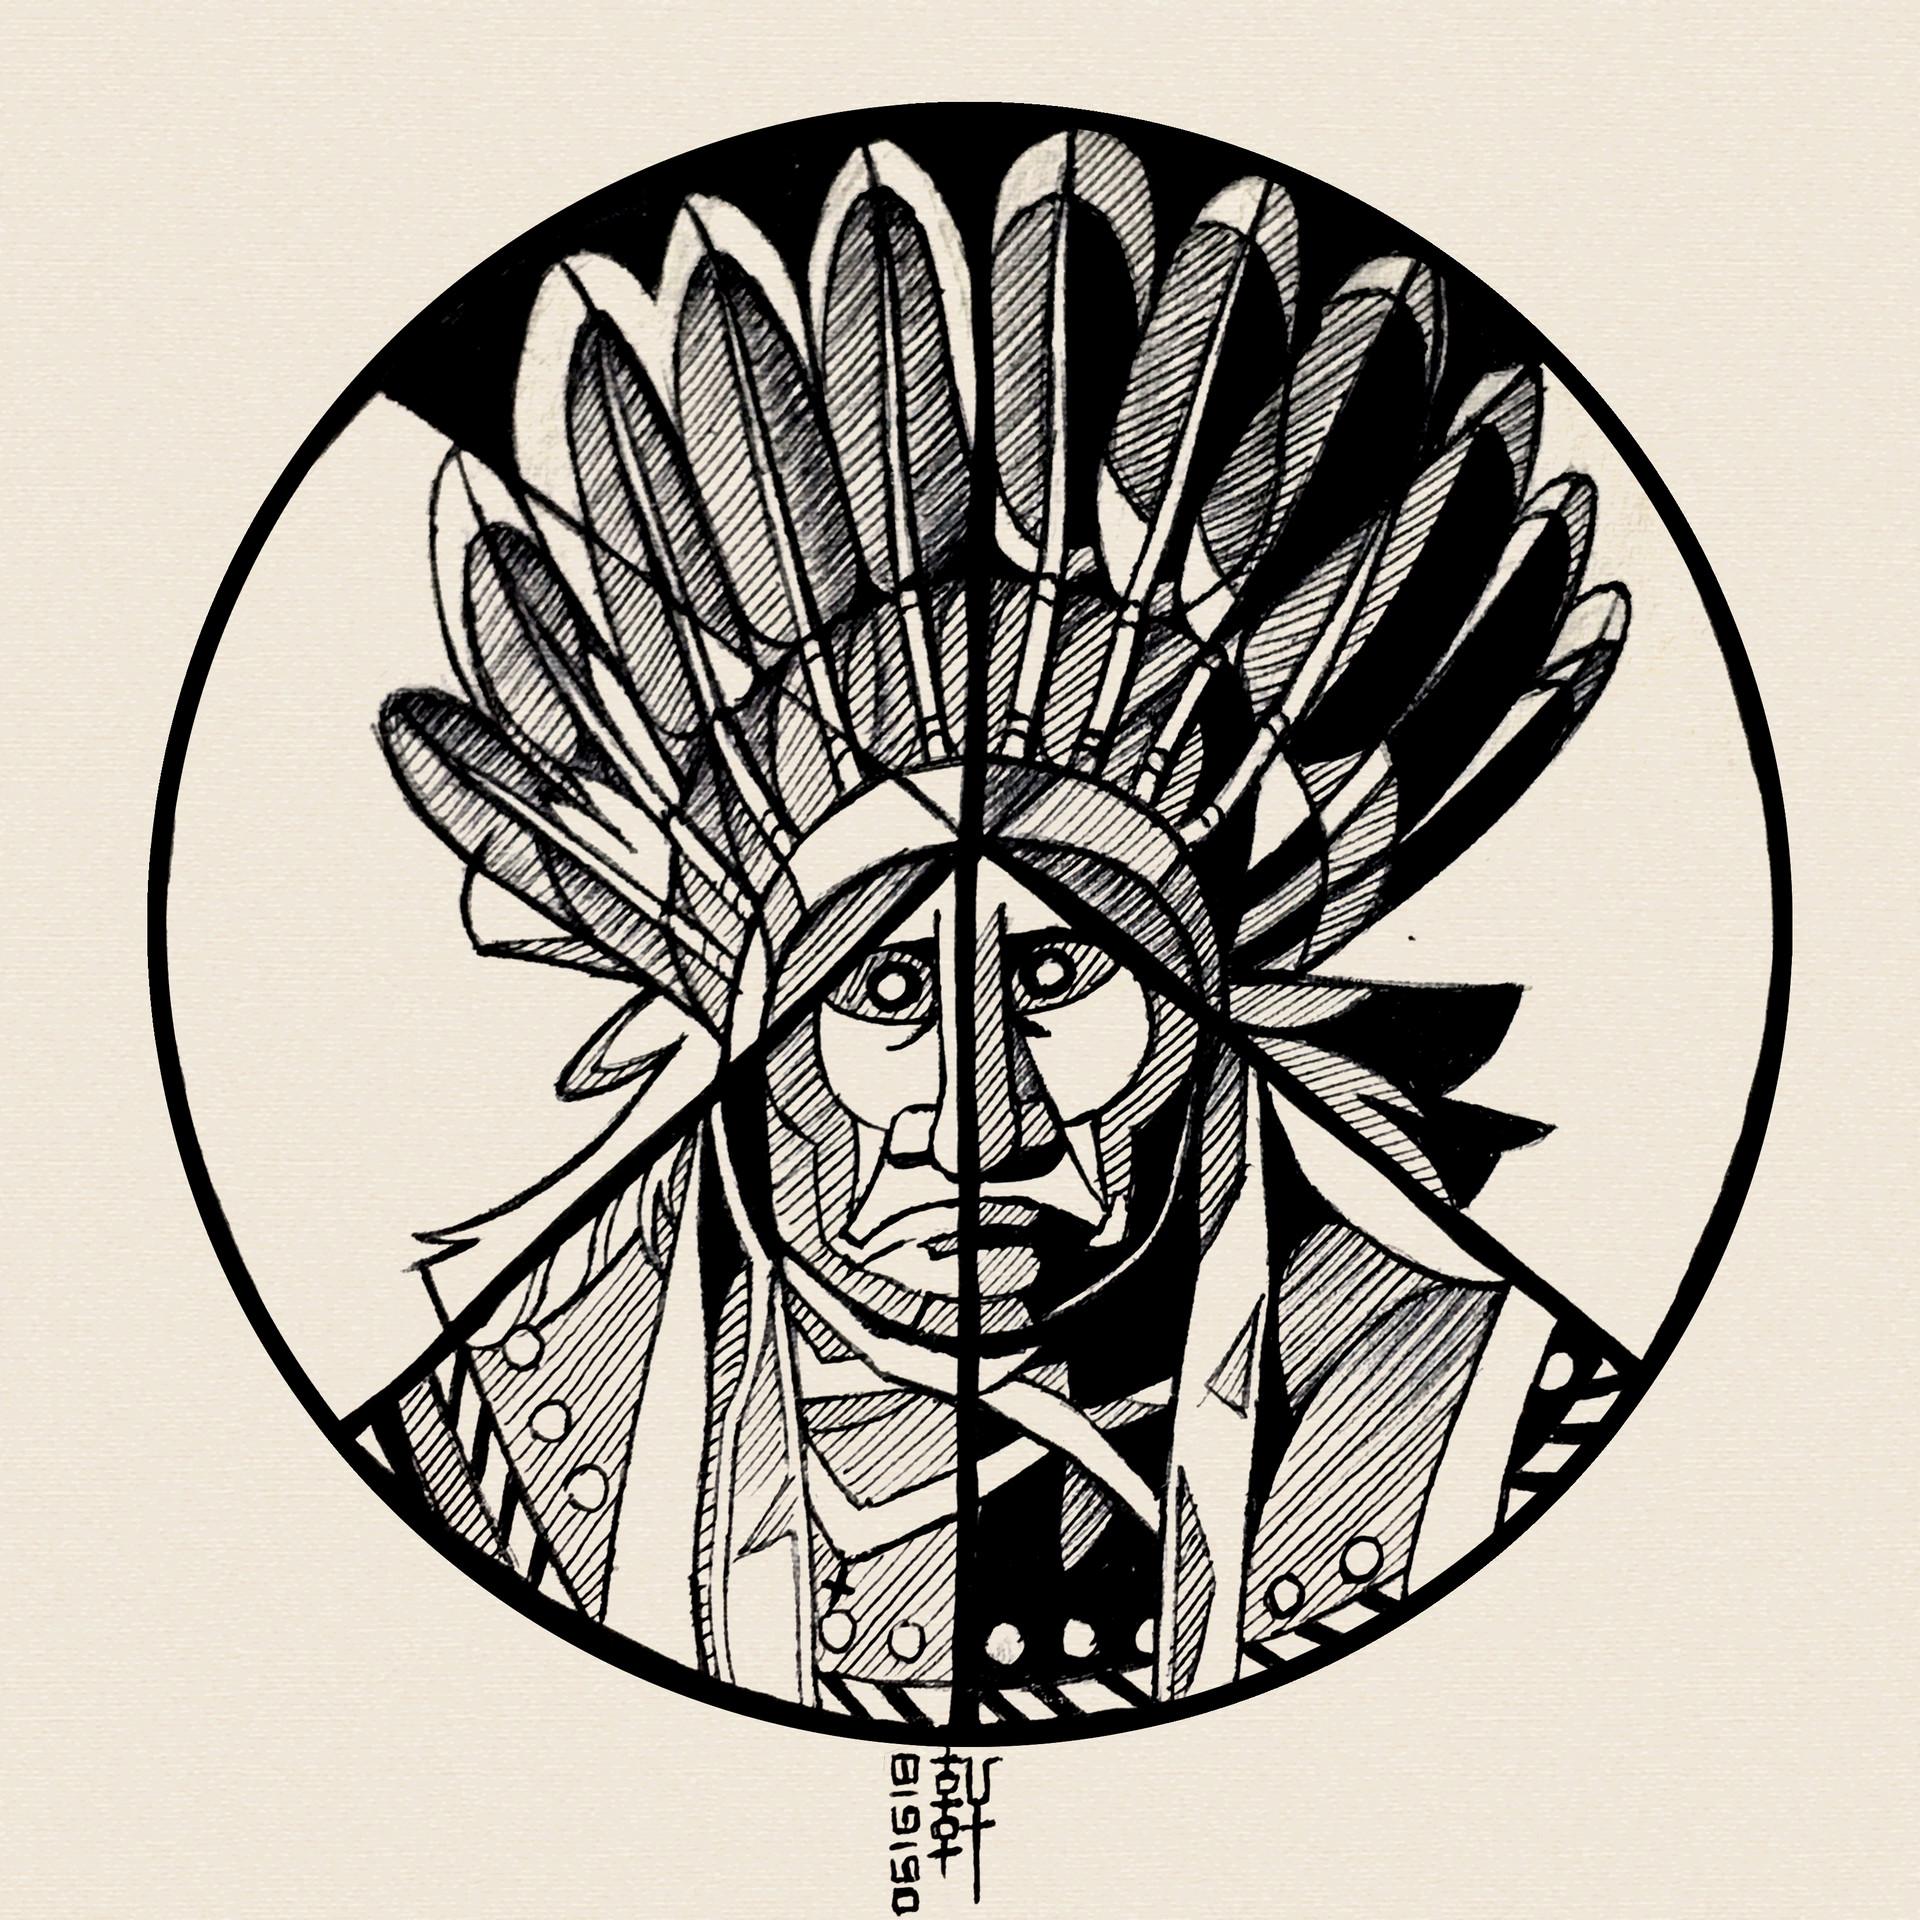 Day 06-16-18 - Geronimo